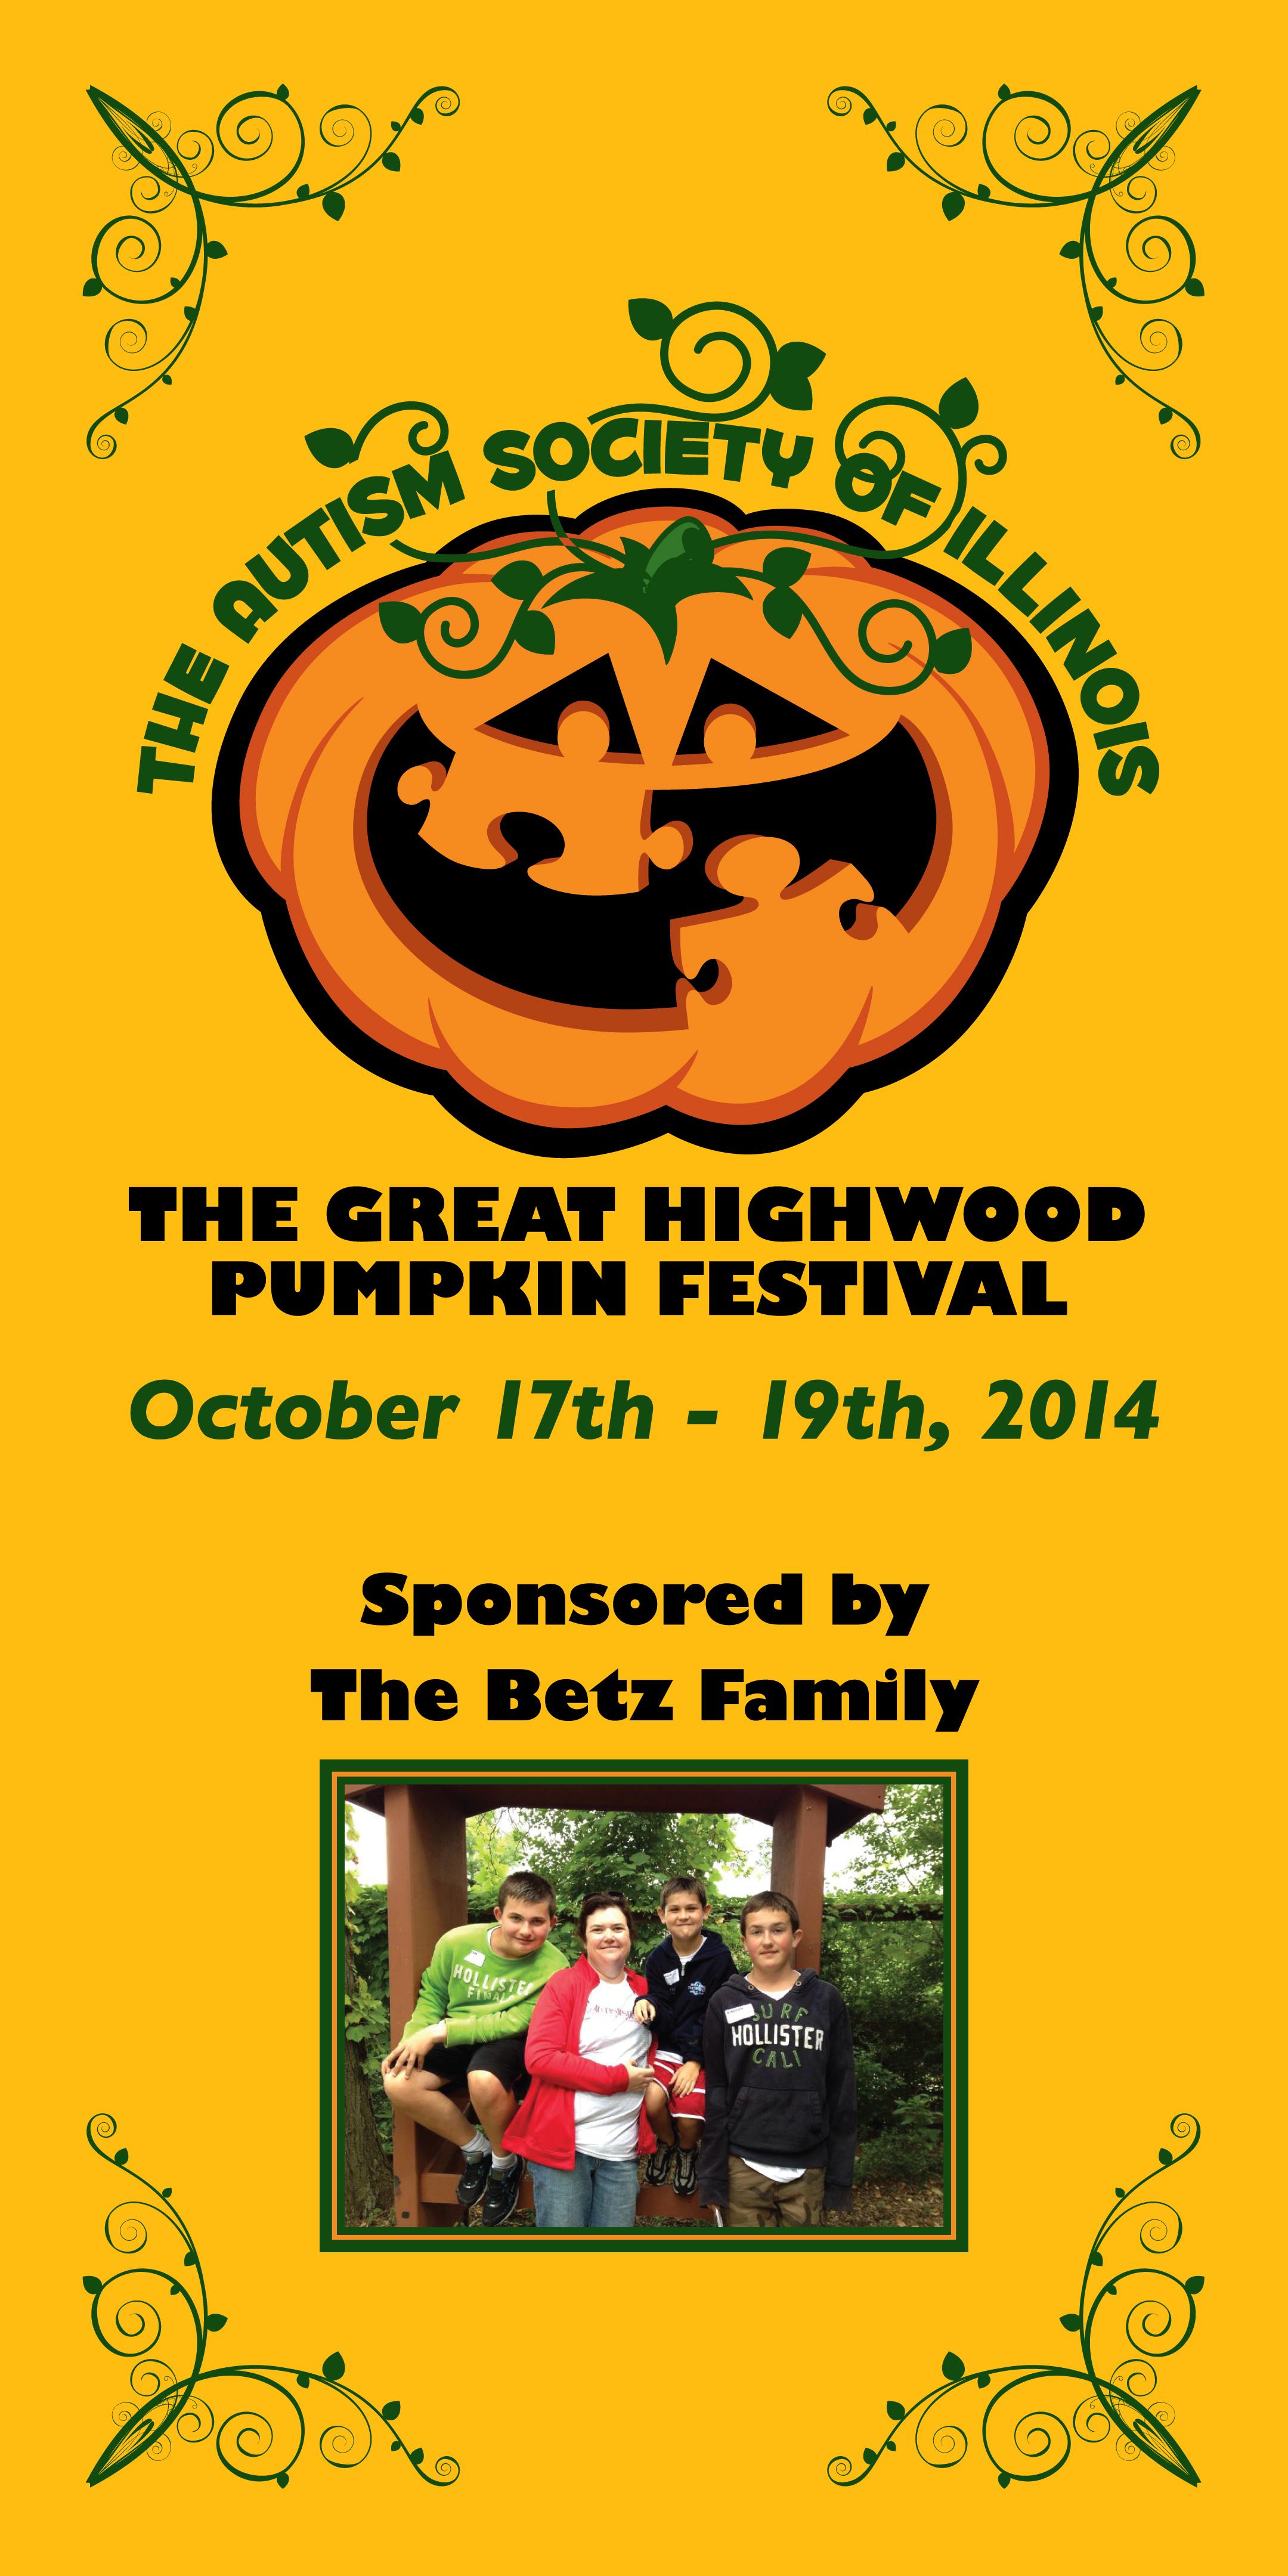 Highwood Pumpkin Festival Event Signage